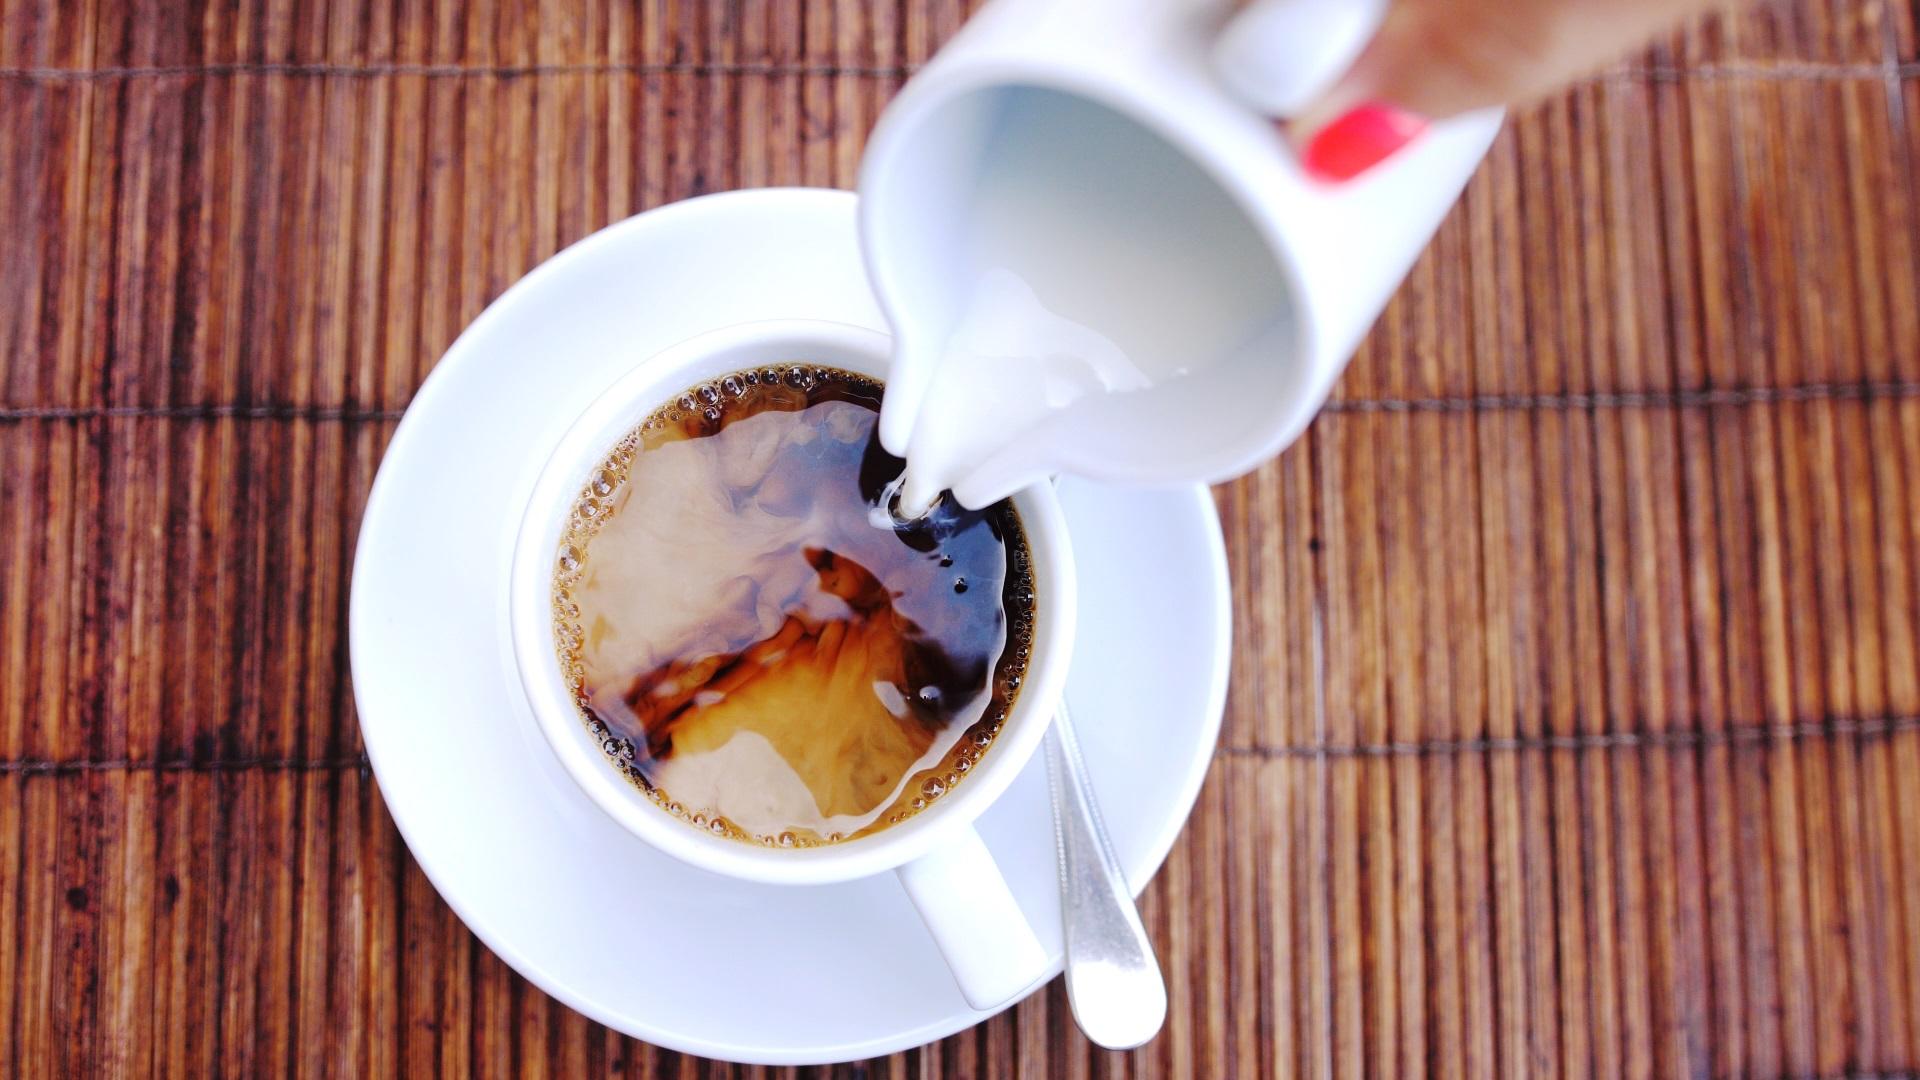 <p><strong>Сметана за кафе</strong></p>  <p>Друг подъл източник на трансмазнини е обезмаслената сметана за кафе, която често се прави с трансмастни хидрогенирани масла. По-добре подправете кафето си с обикновено пълномаслено мляко.</p>